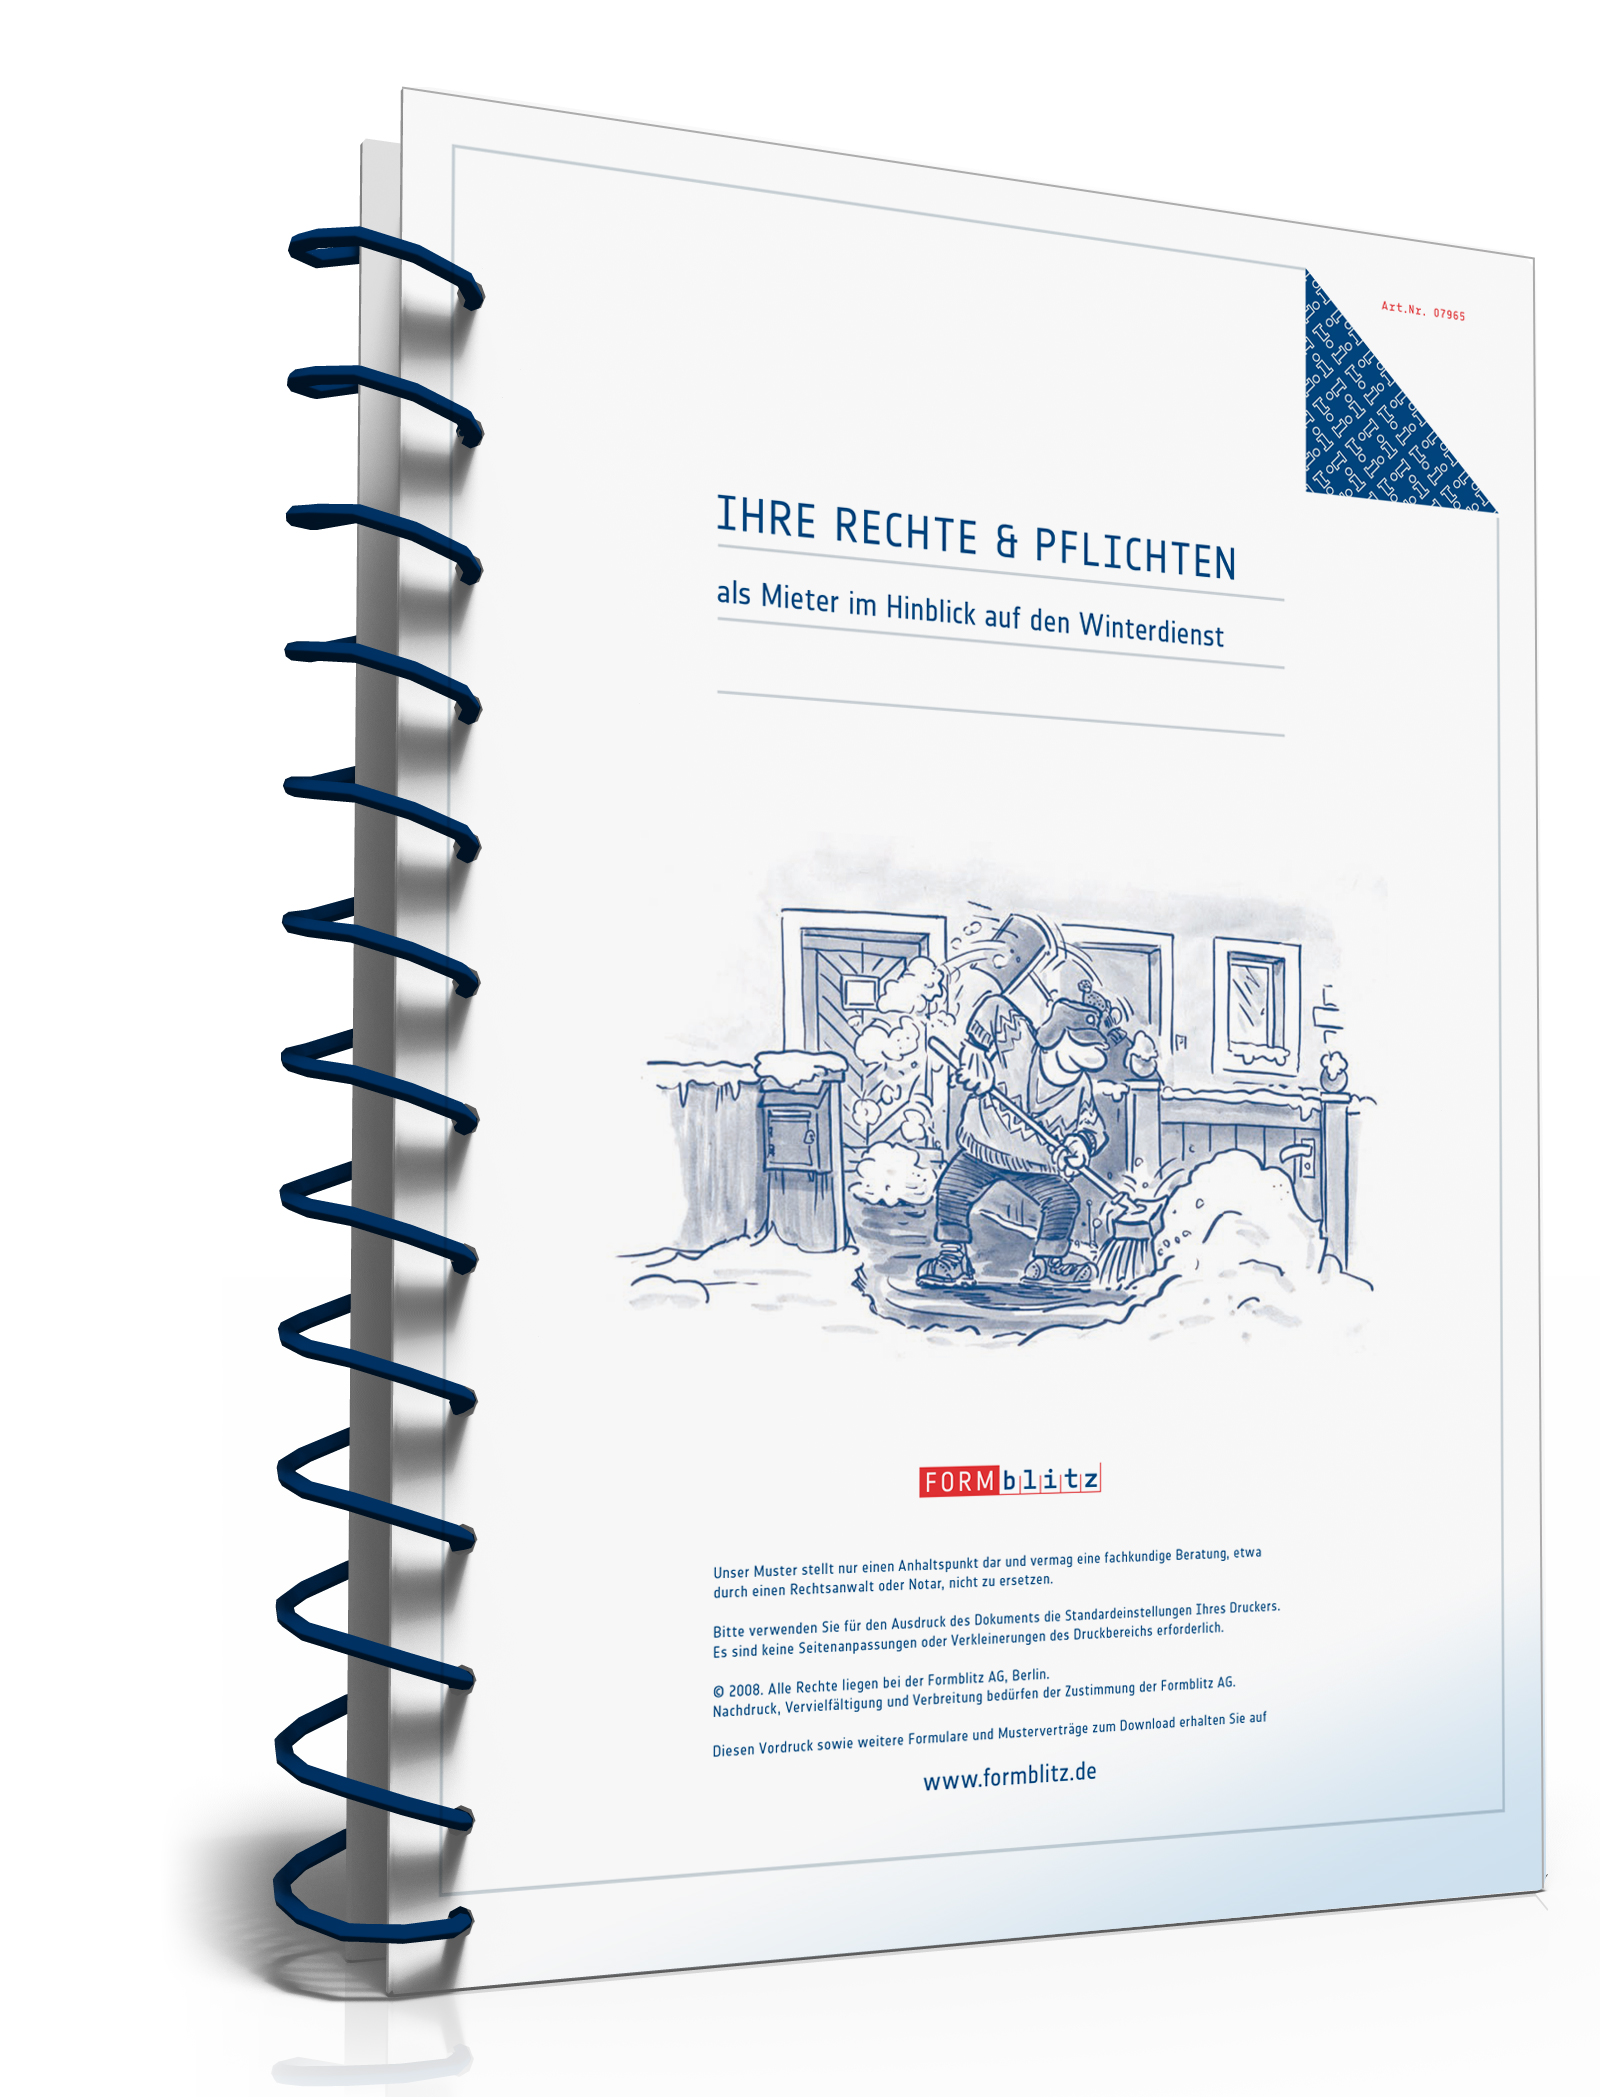 Ratgeber Winterdienst Für Mieter Zip Ordner Amazonde Software